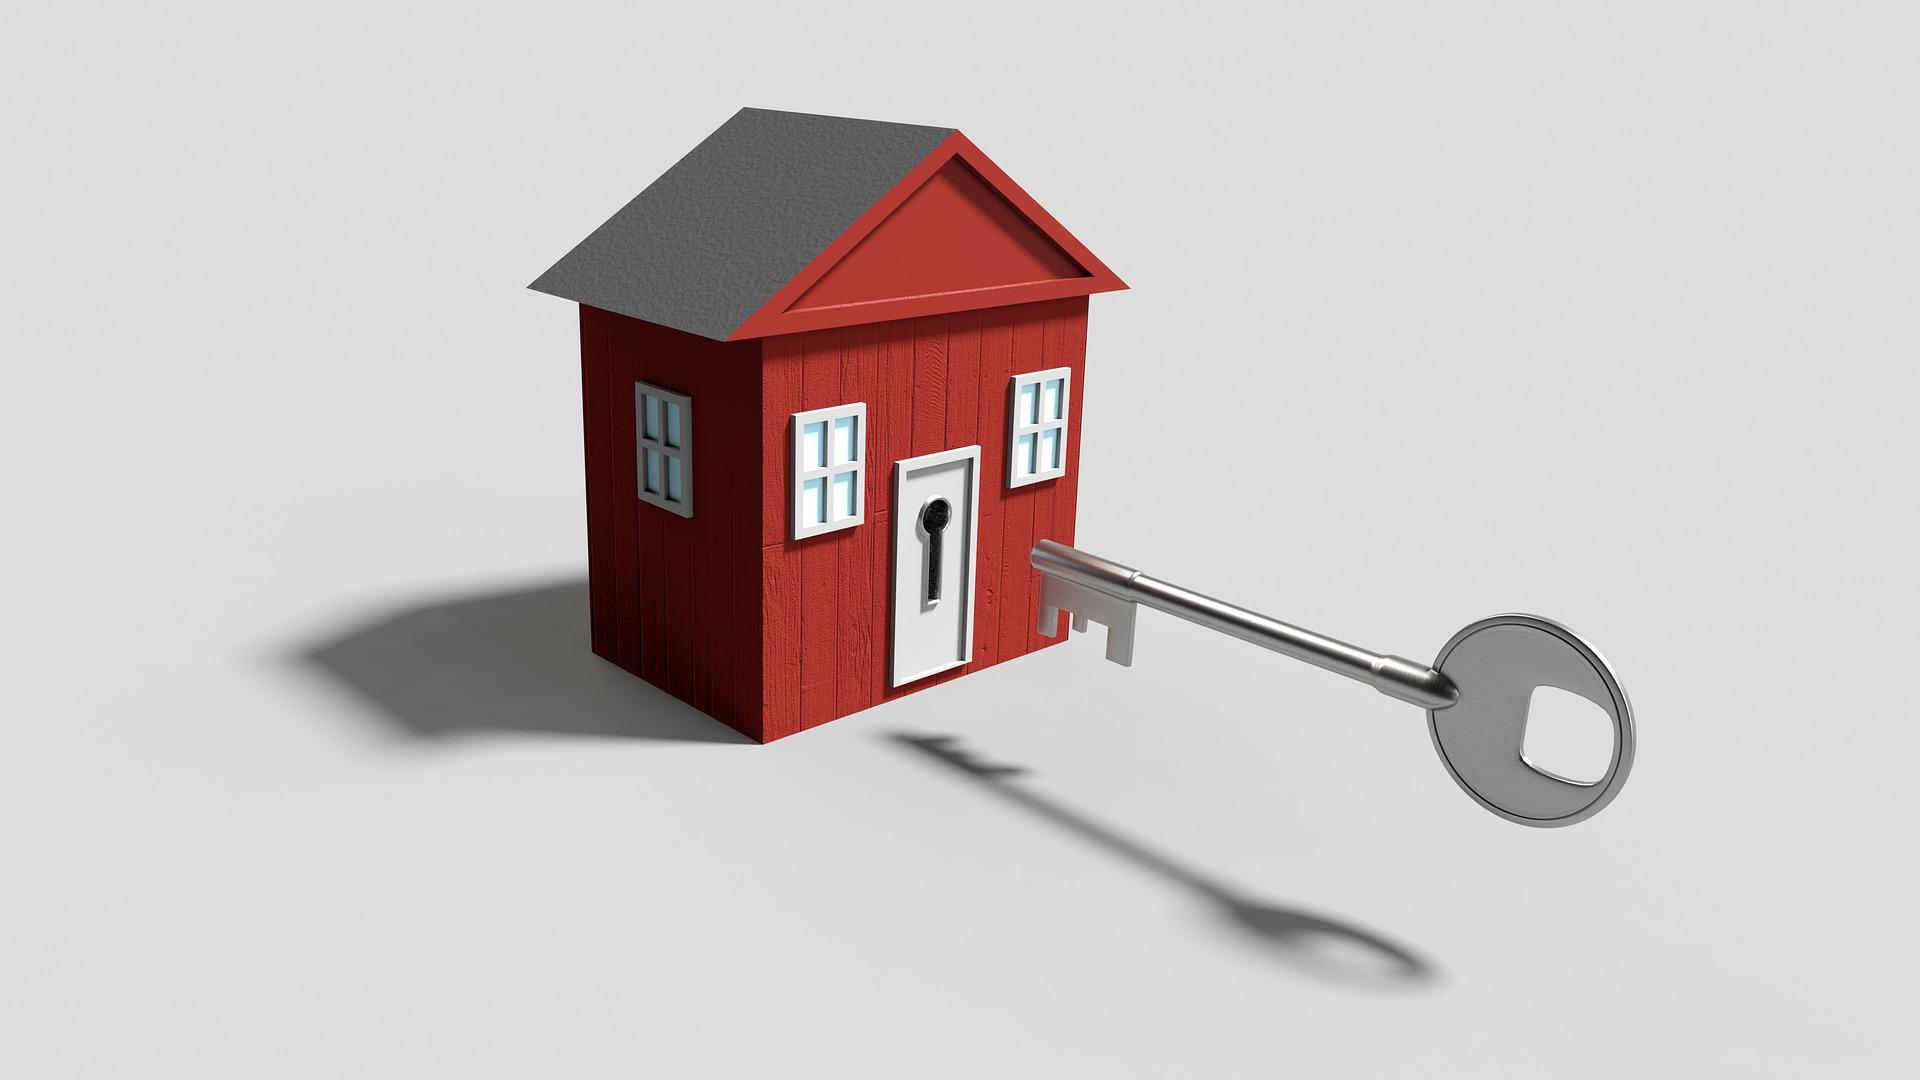 фото для услуг по покупке недвижимости в Ярославле